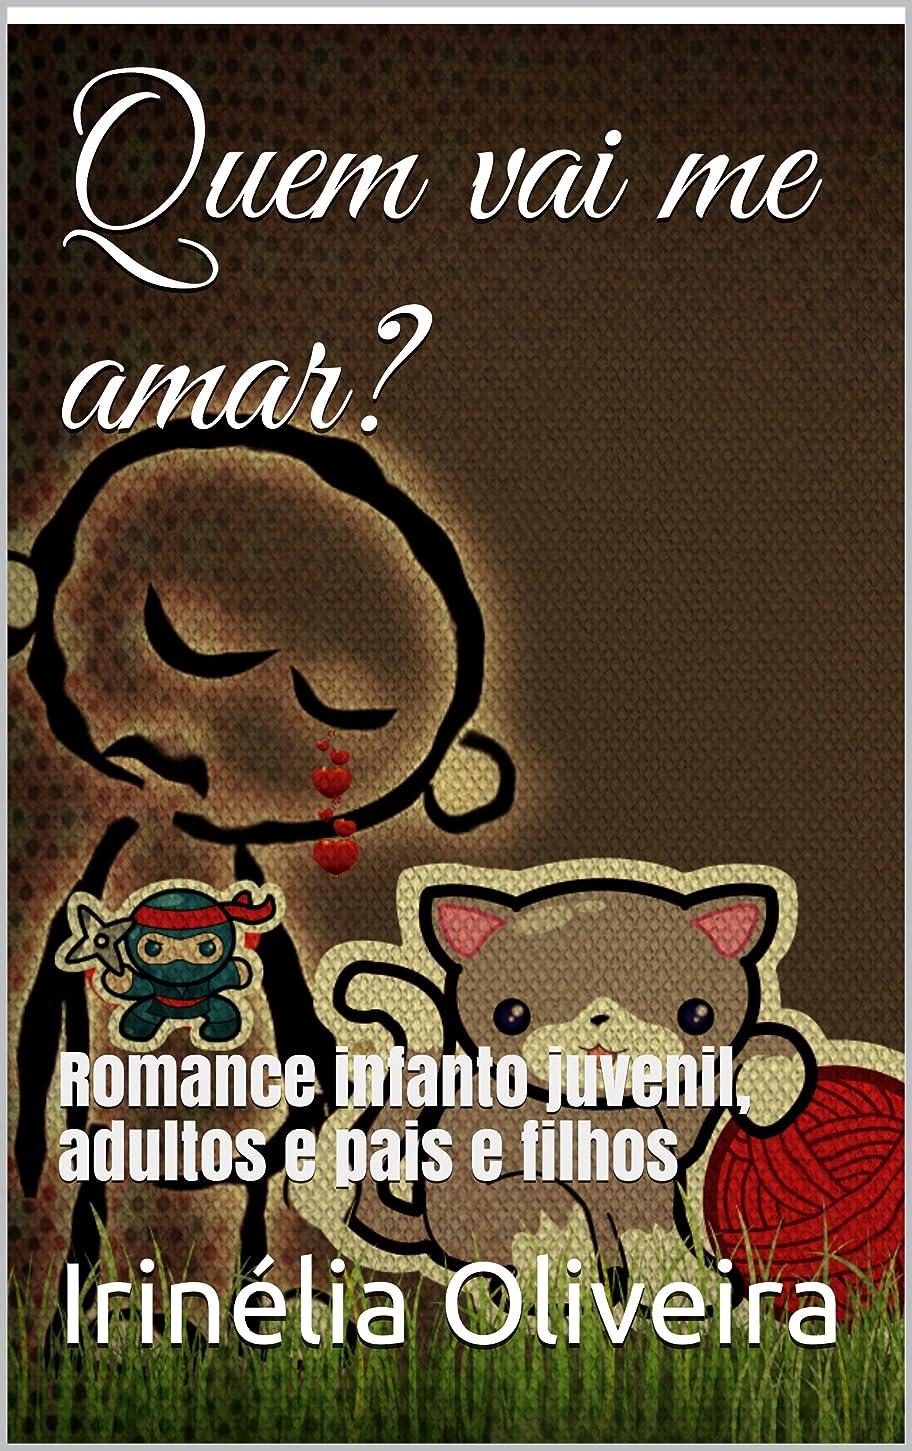 シュリンク家事をする肥料Quem vai me amar?: Romance infanto juvenil, adultos, pais e filhos (Portuguese Edition)